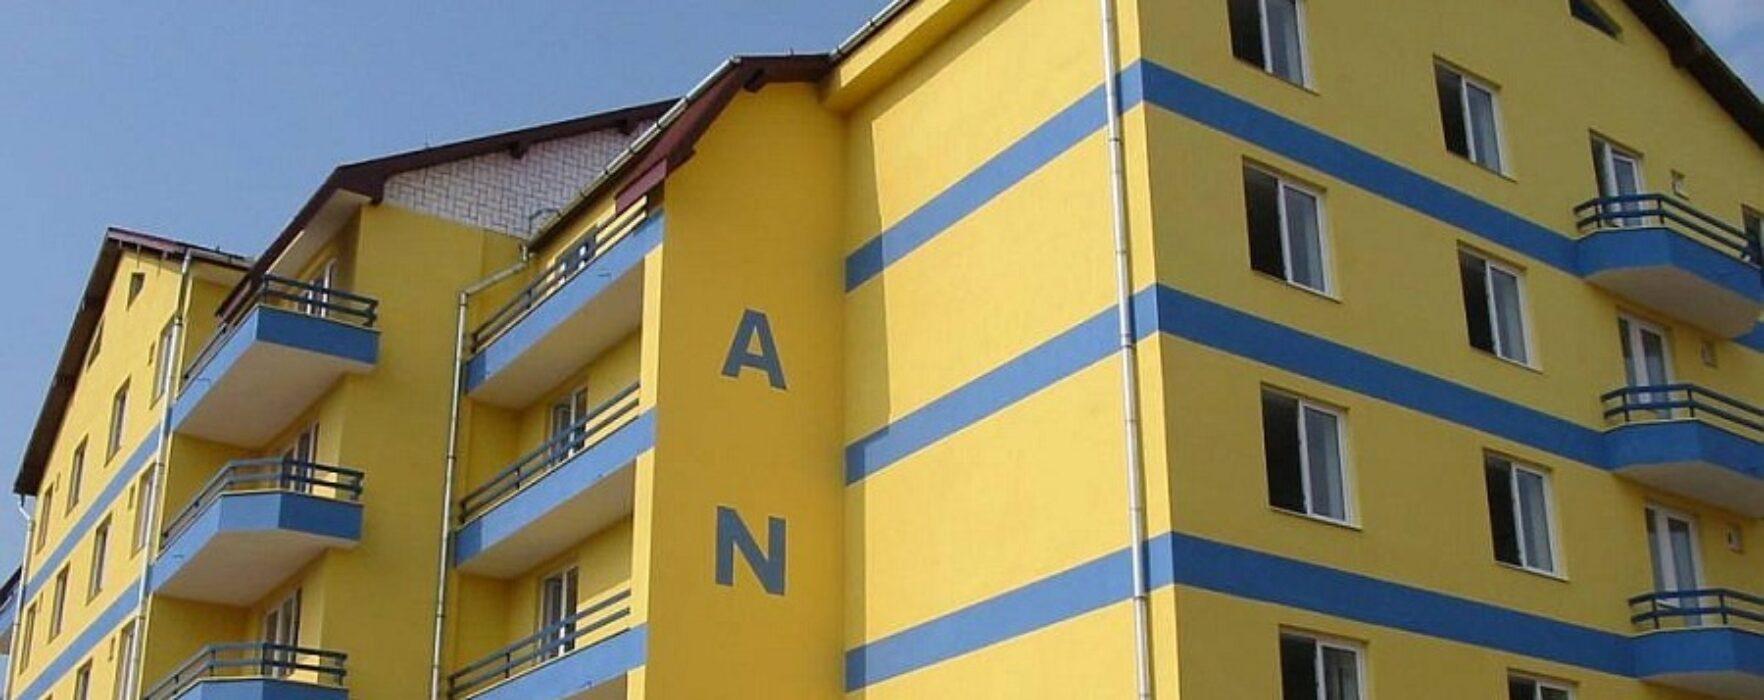 S-a dat ordinul de începere a lucrărilor la ANL-uri în Titu